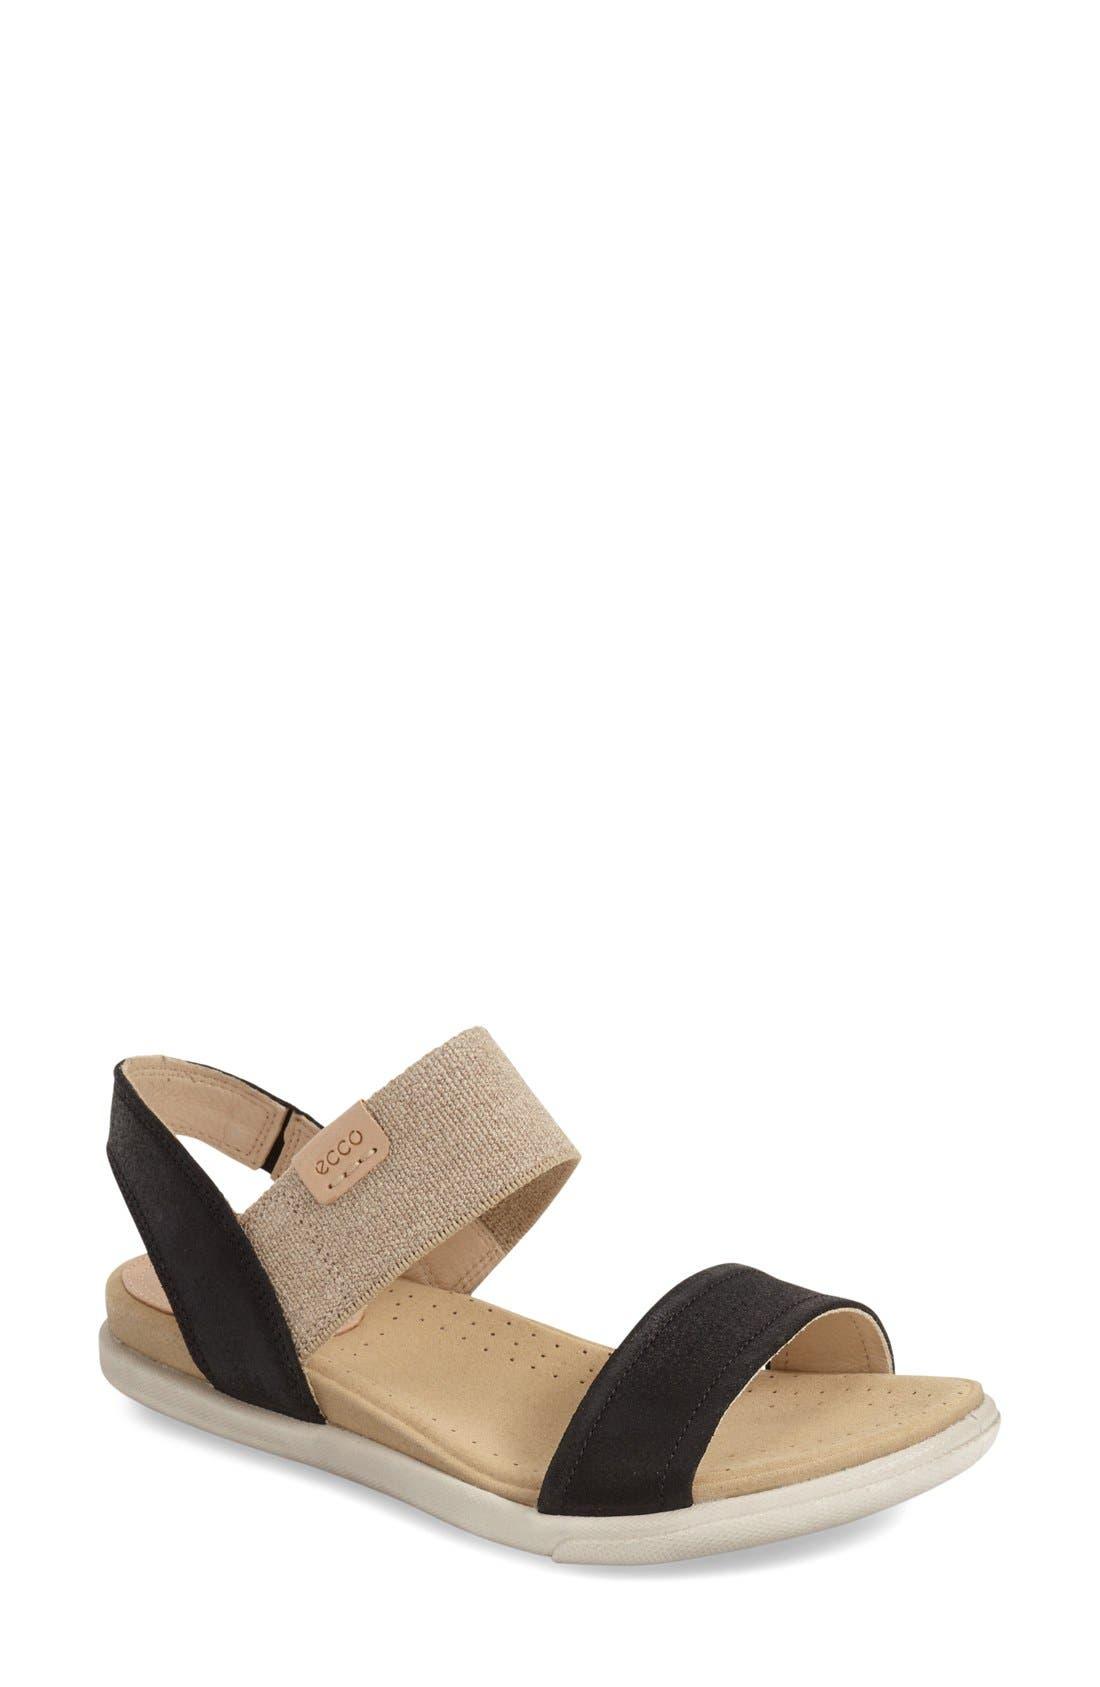 Alternate Image 1 Selected - ECCO 'Damara' Sandal (Women)